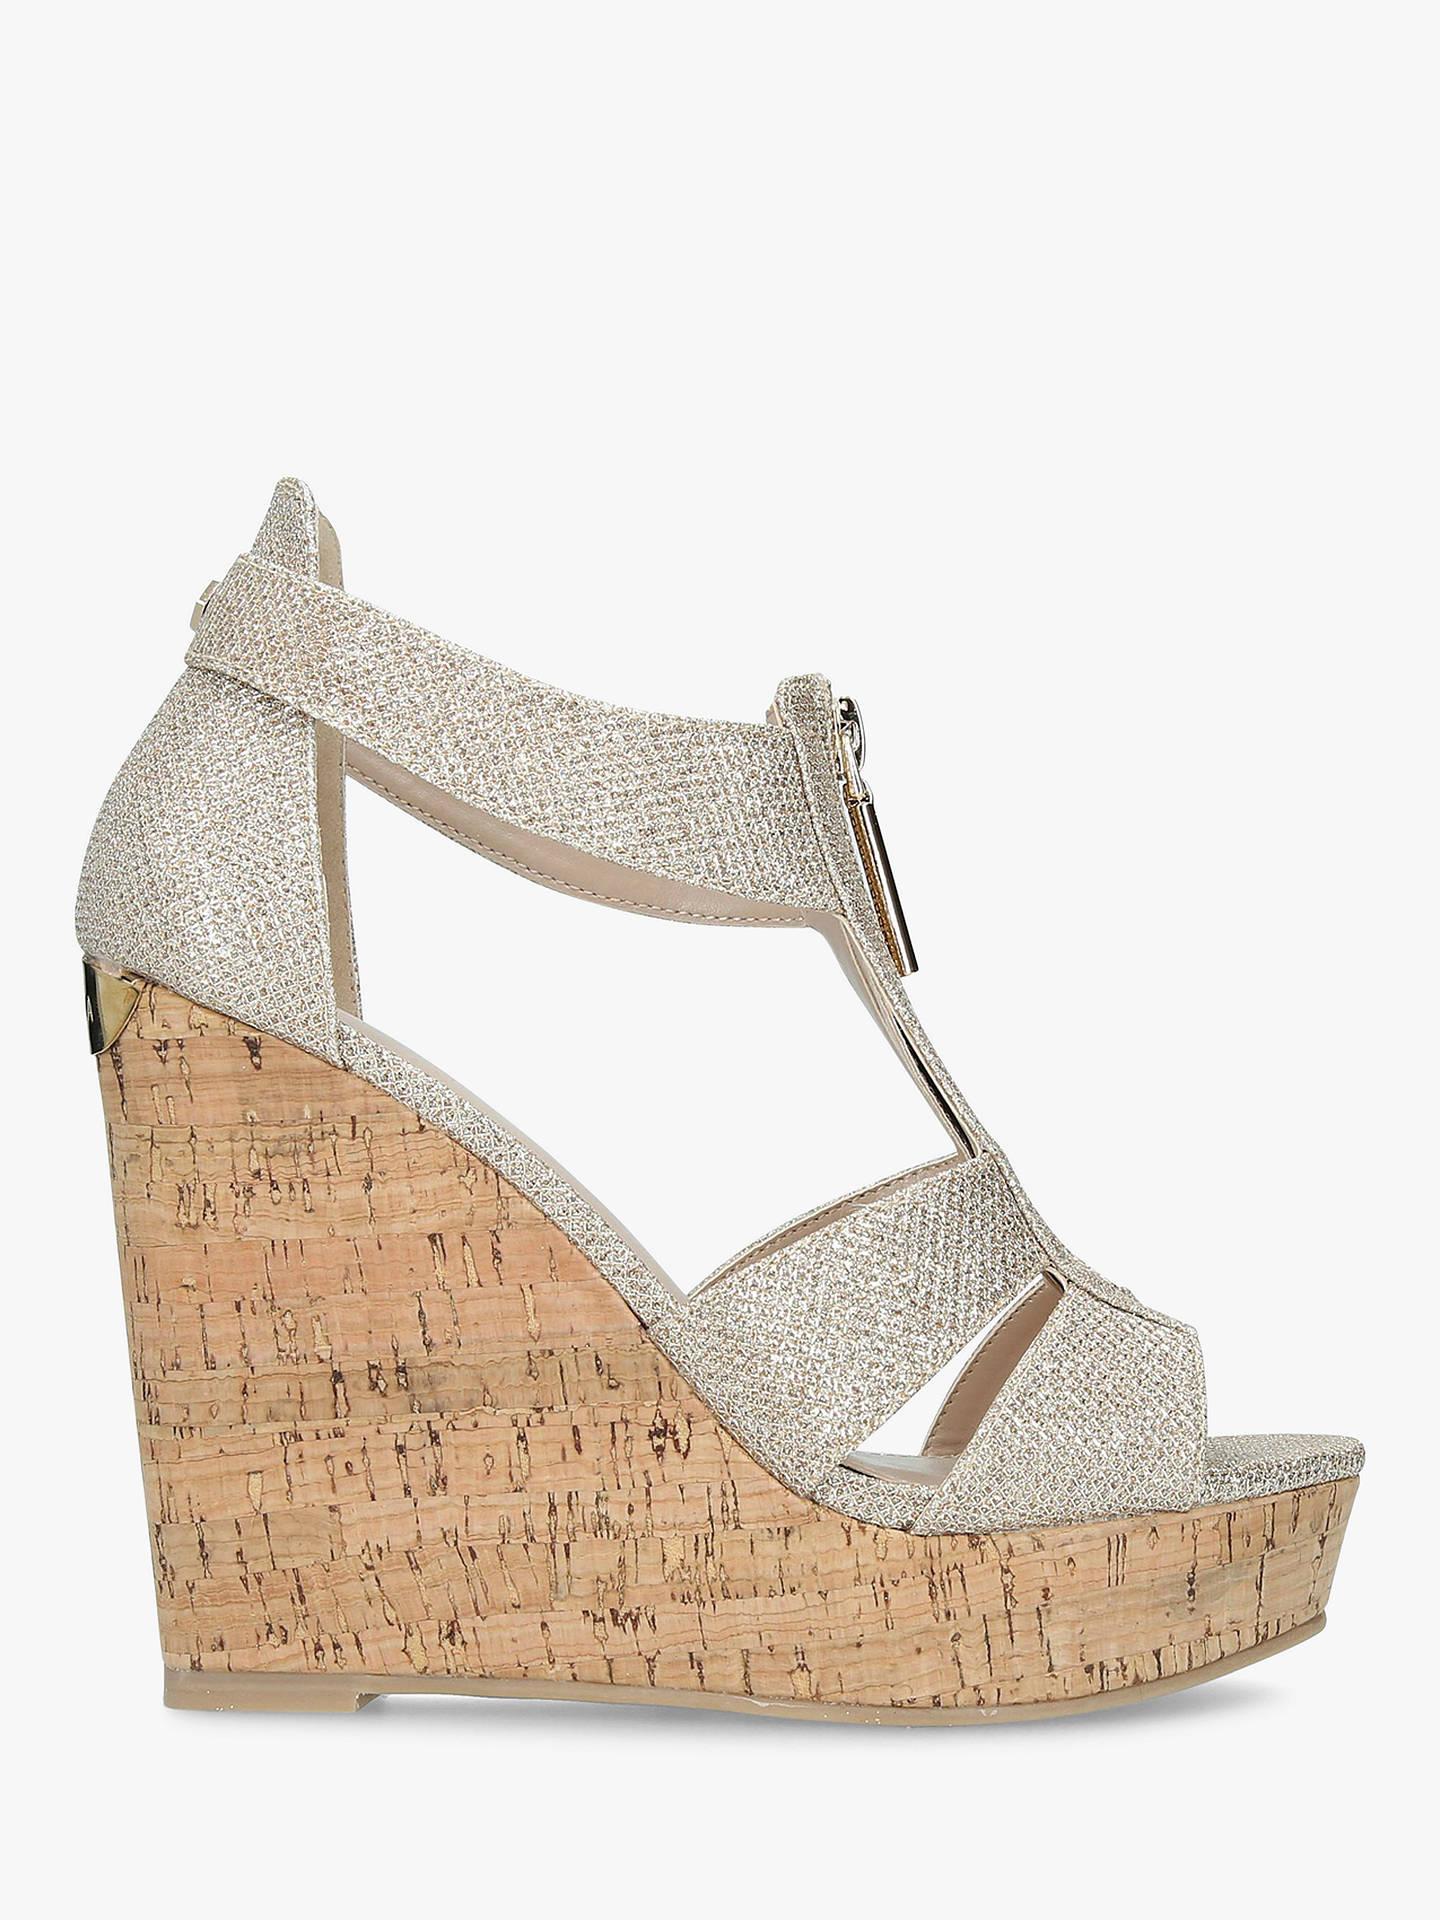 d2150c4c4b Buy Carvela Krass Wedge Heel Sandals, Gold, 3 Online at johnlewis.com ...